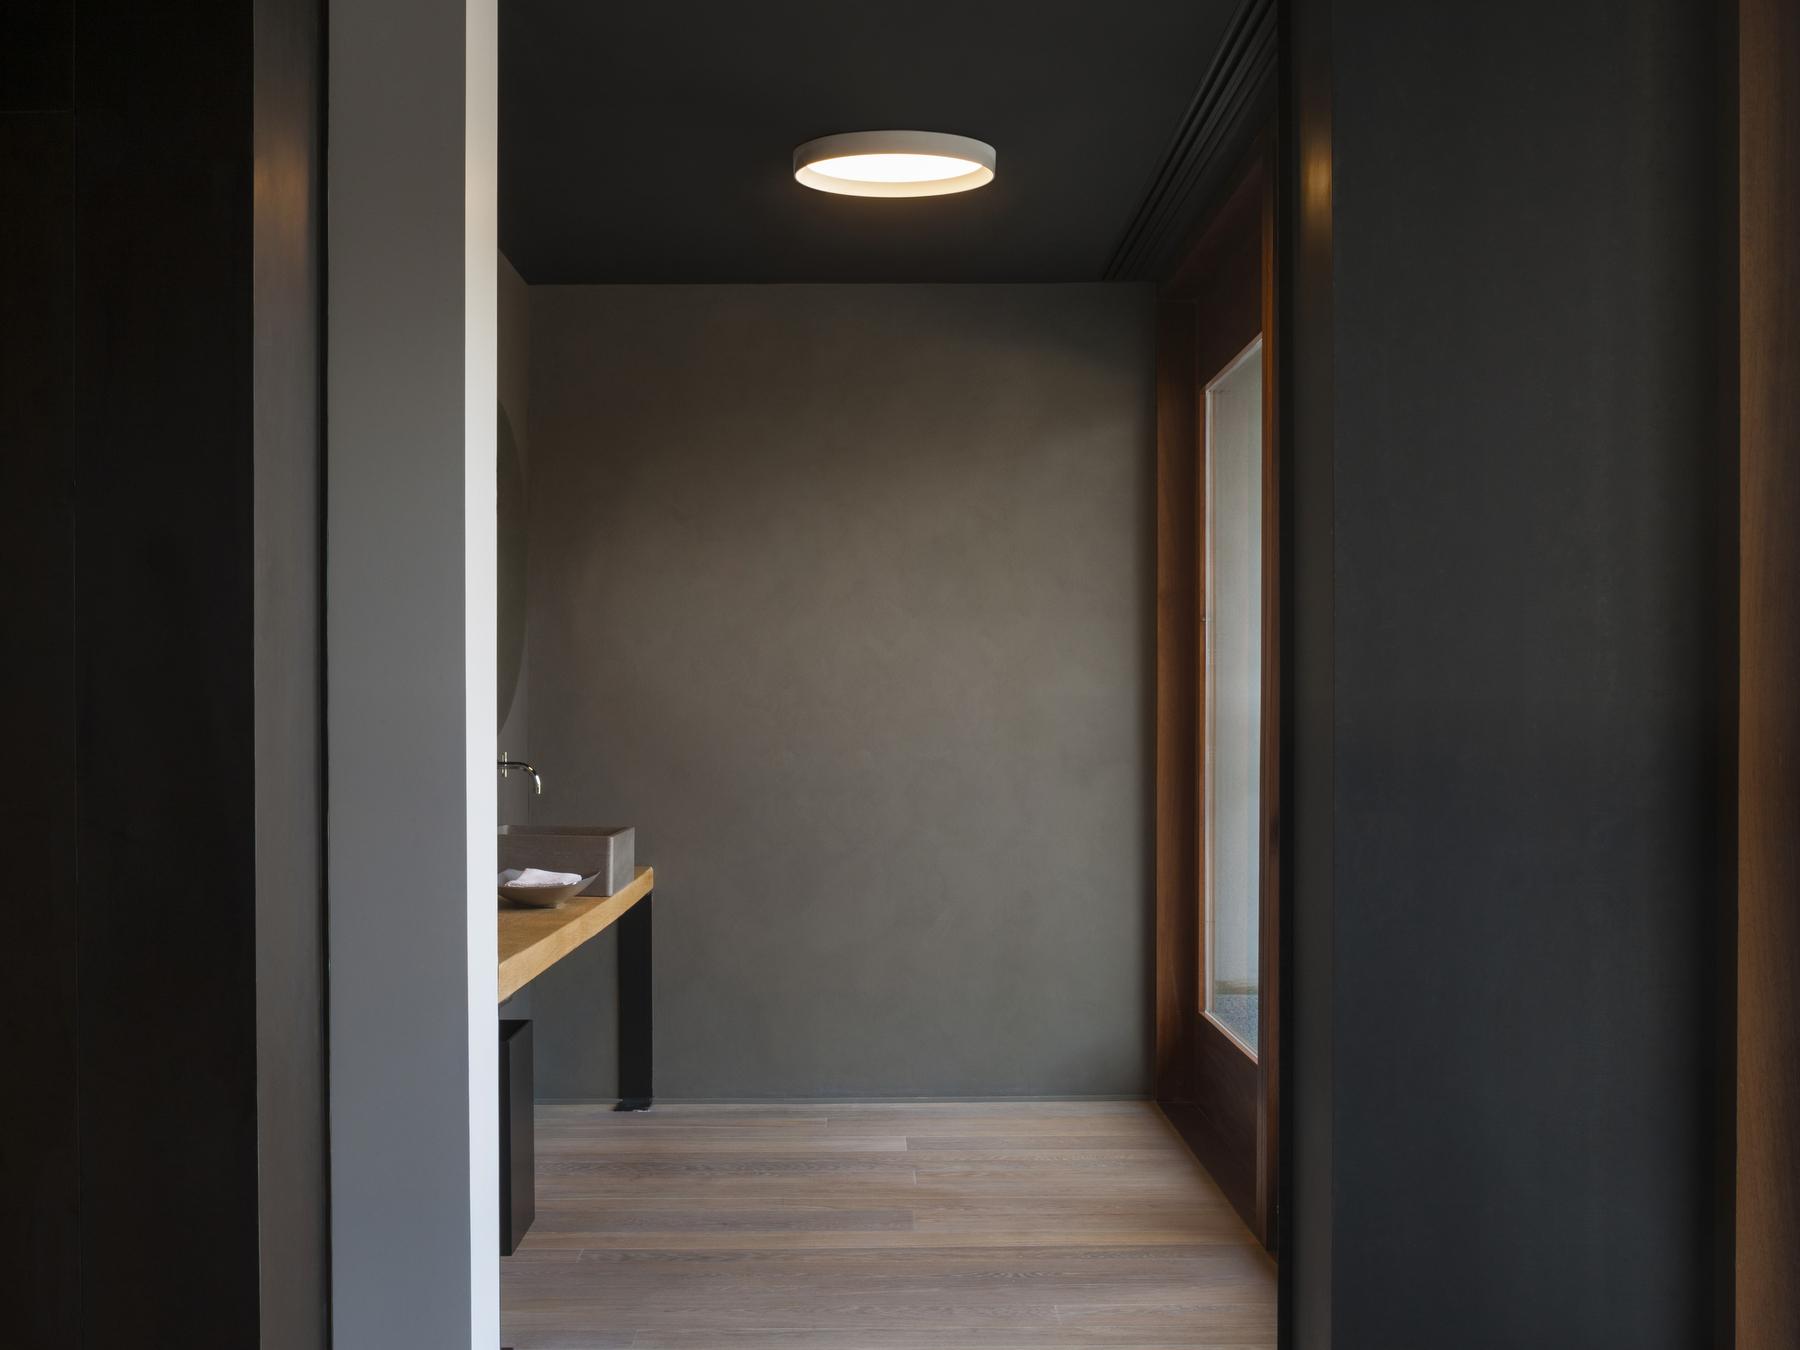 vibia up plafonnier ronde double 2 x plaque 4460 18 l mparas de dise o. Black Bedroom Furniture Sets. Home Design Ideas